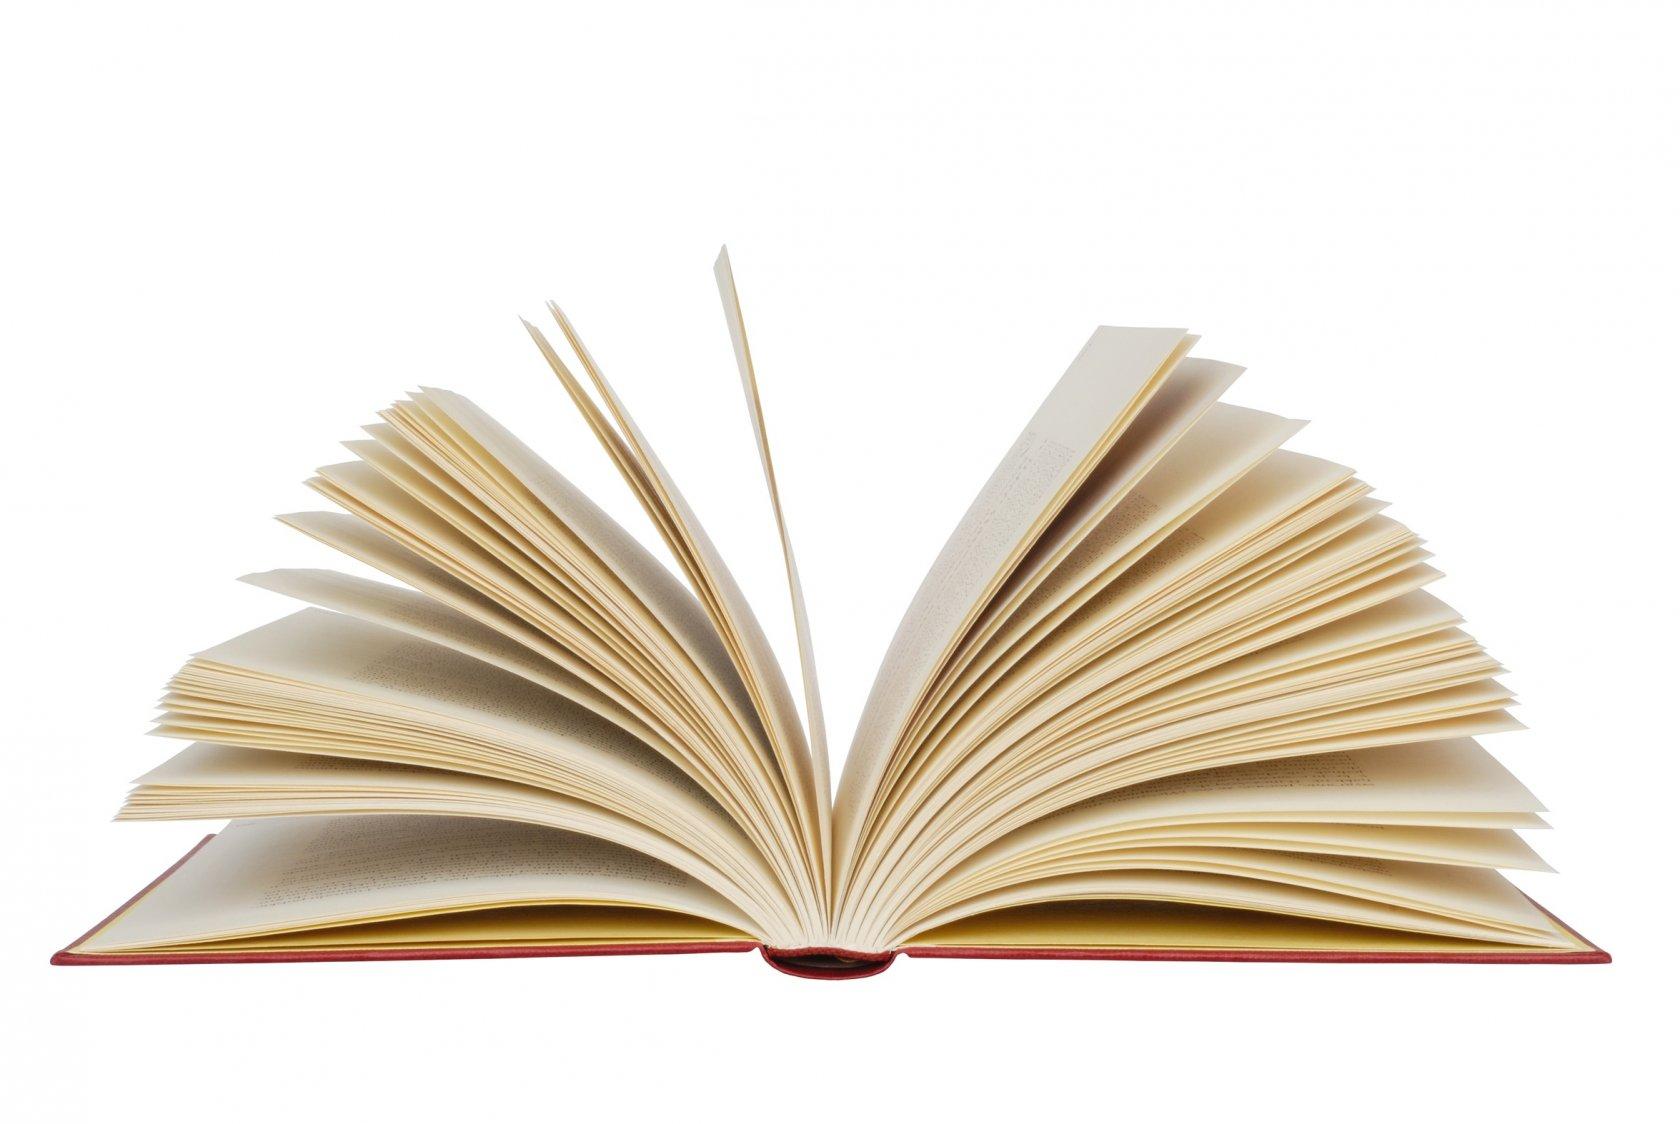 Как пишут тезисы? что такое тезисы и как не ошибиться при их написании?